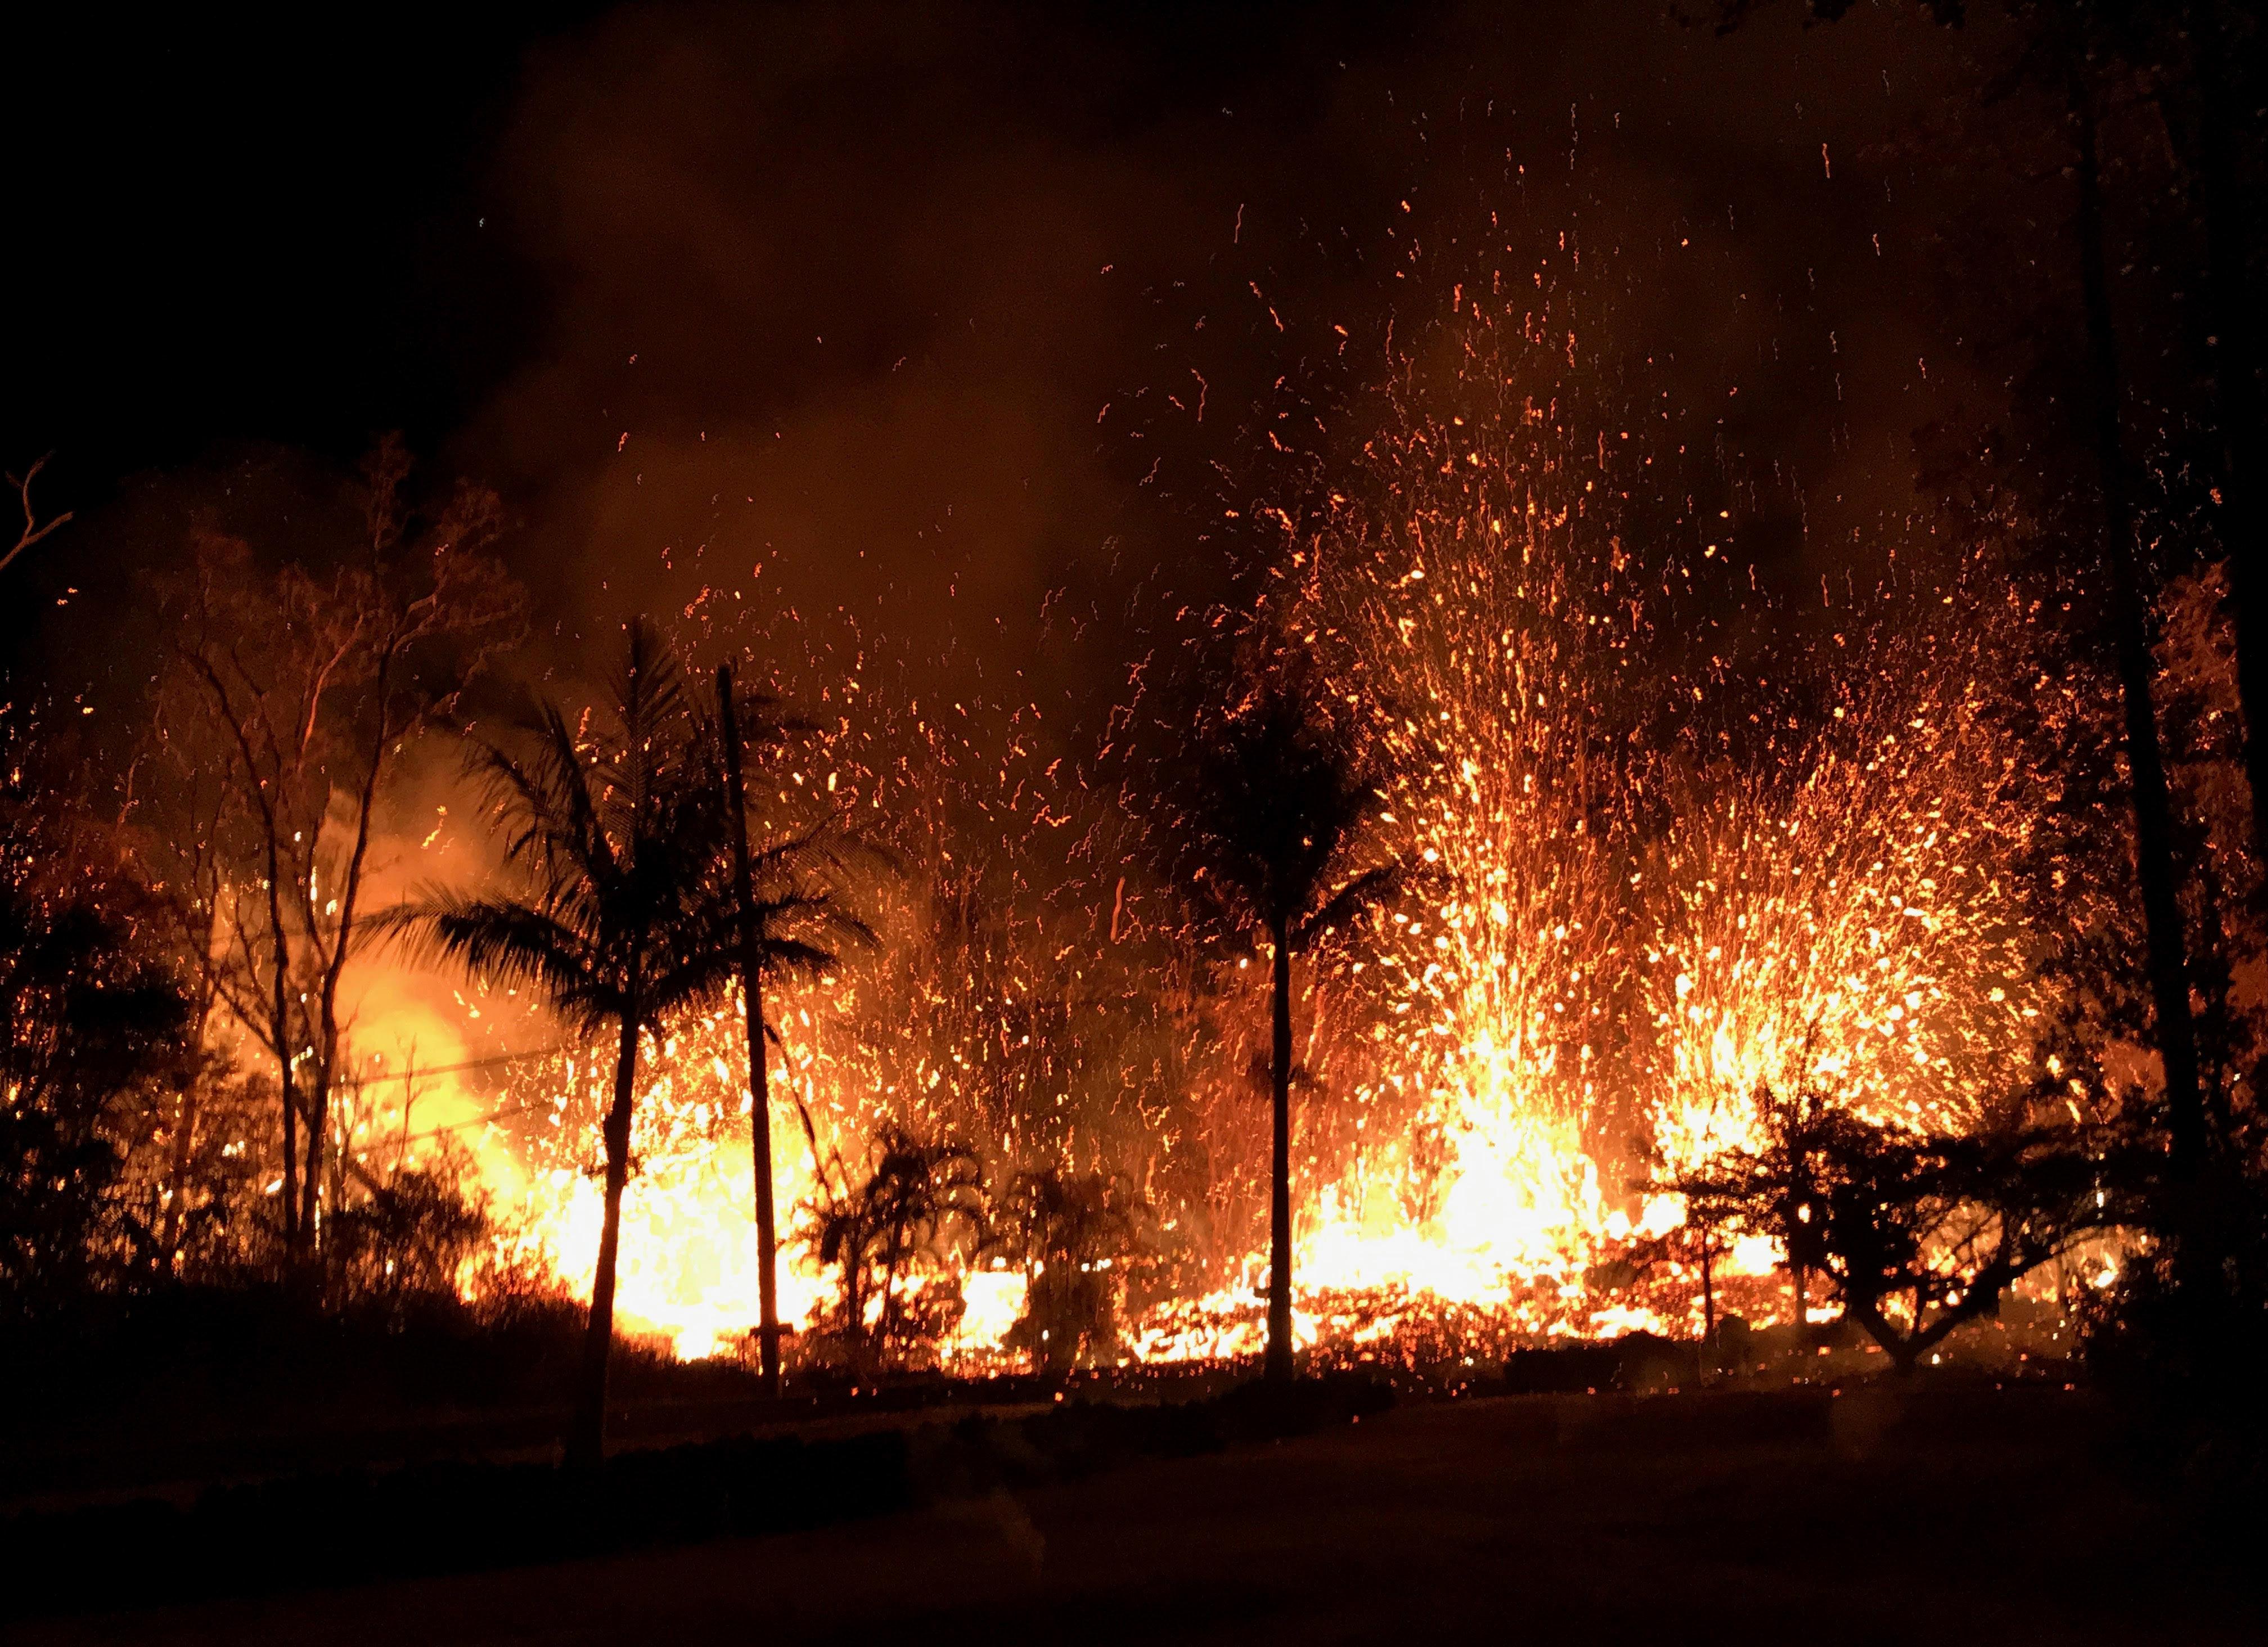 하와이 킬라우에아 화산에서 용암 분출이 계속되고